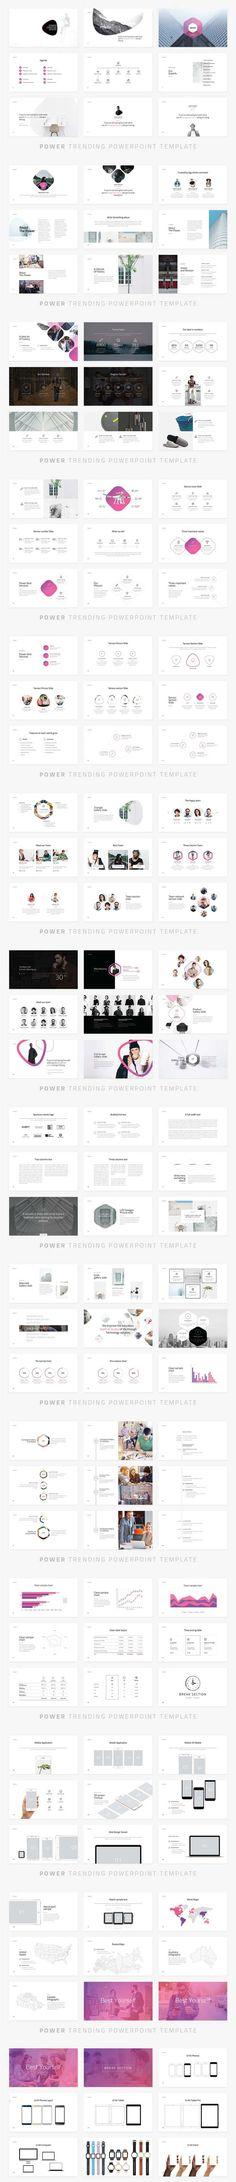 POWER : un template PowerPoint de plus de 120 slides